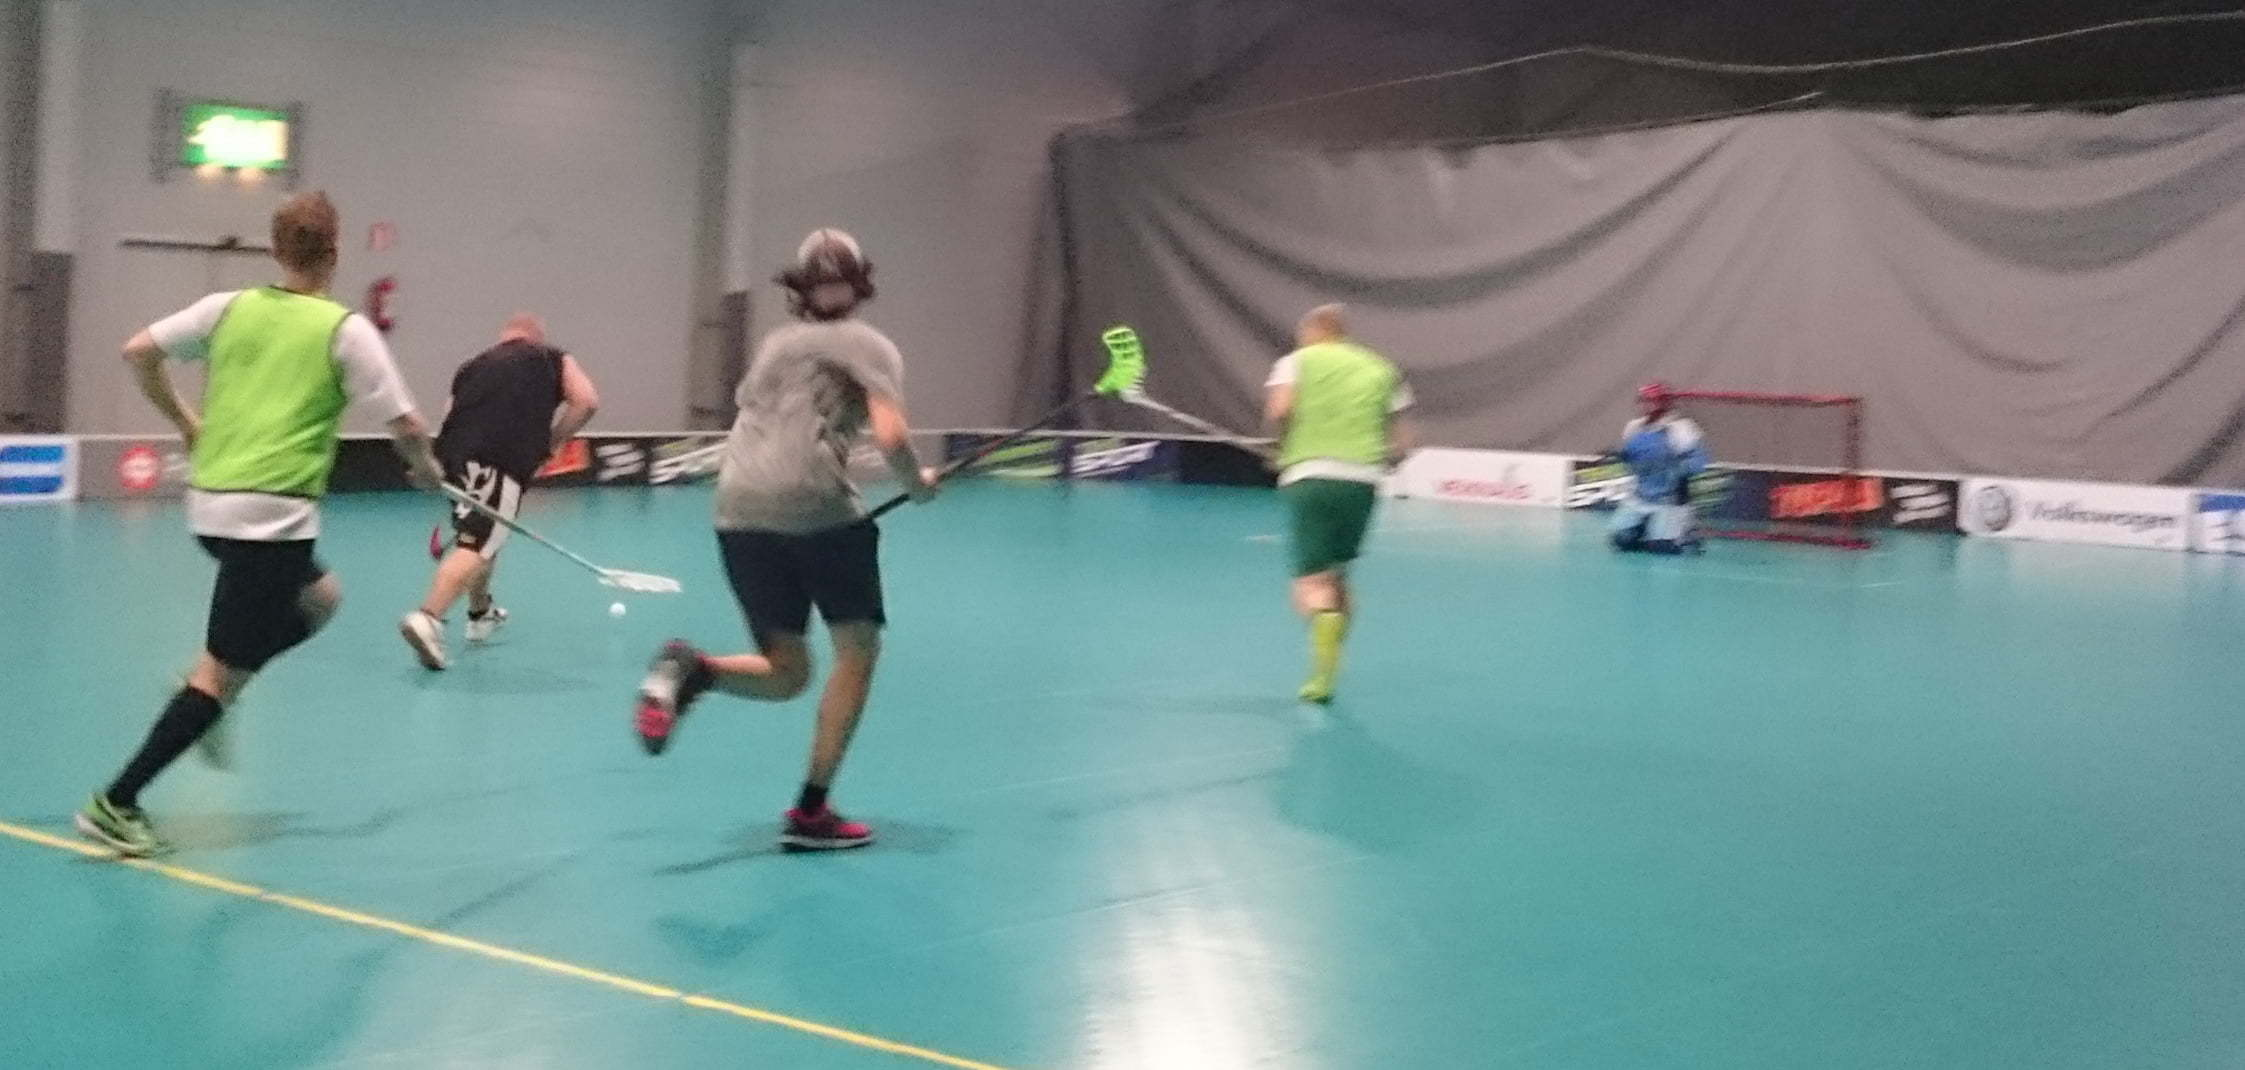 Esa Kivimäki vie palloa kohti turnausvoittoa. Muut seuraavat katseella.